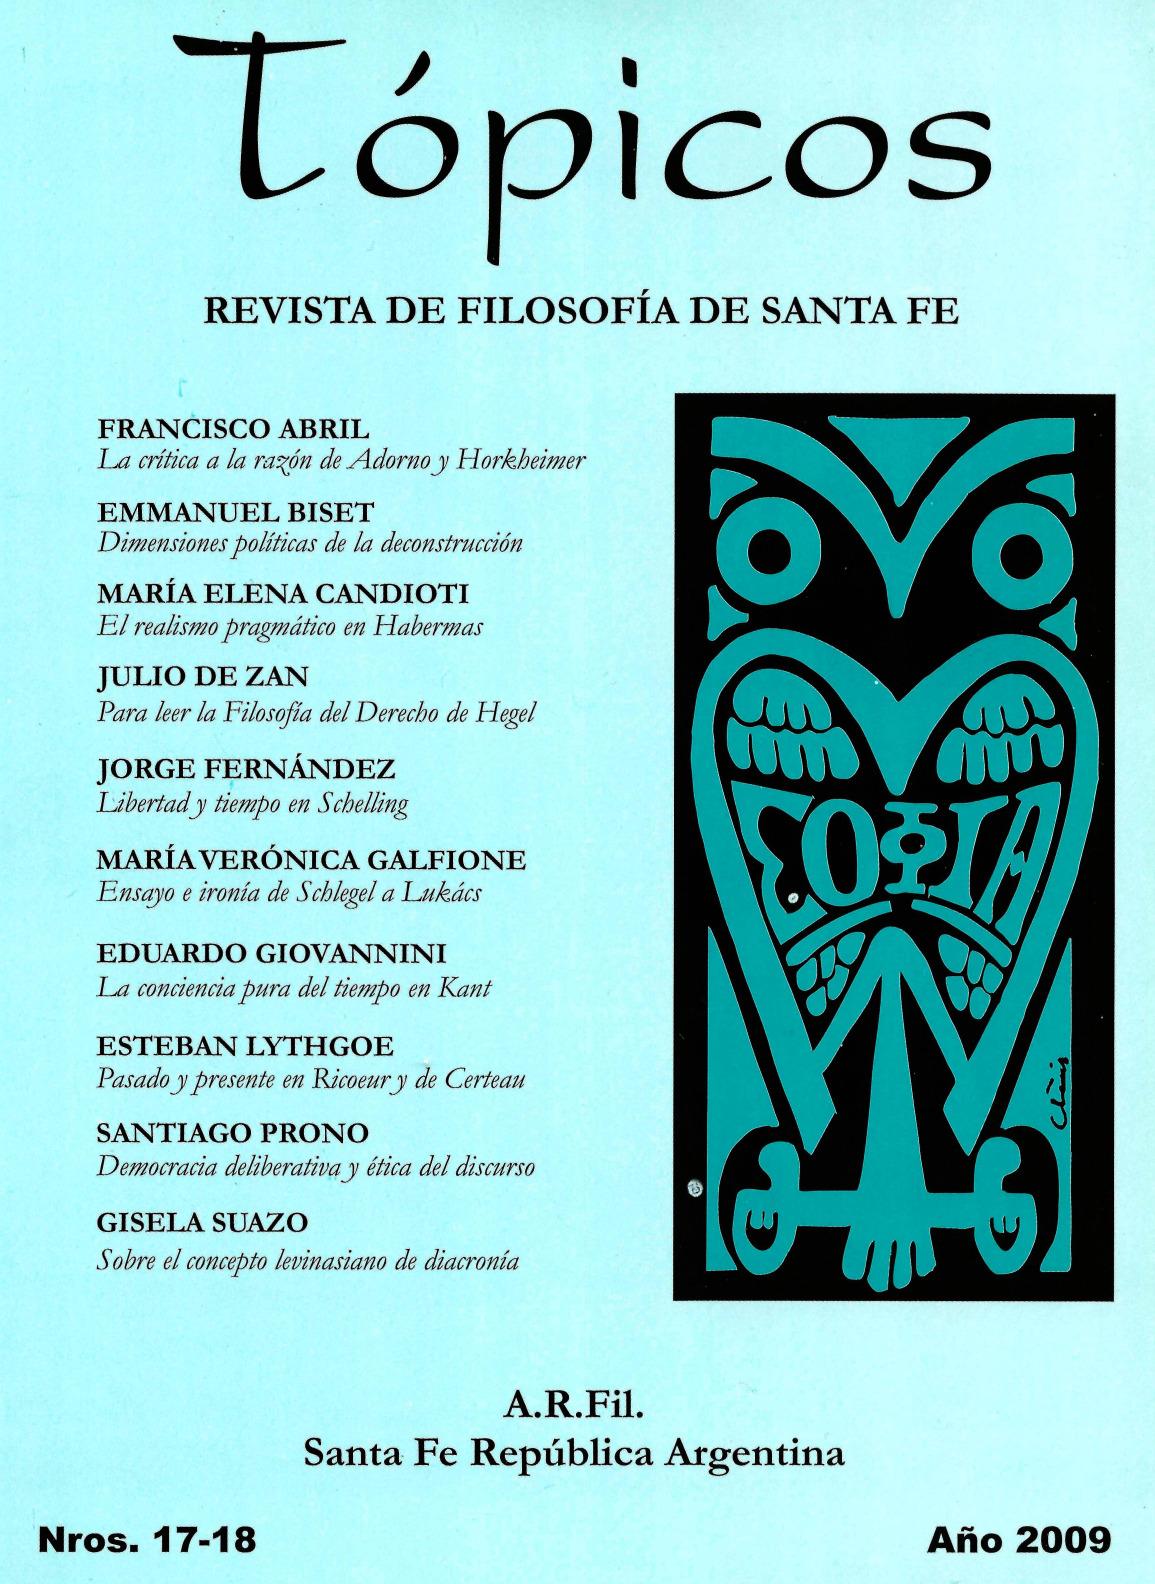 Imagen de tapa de Revista Tópicos Nº 17-18.